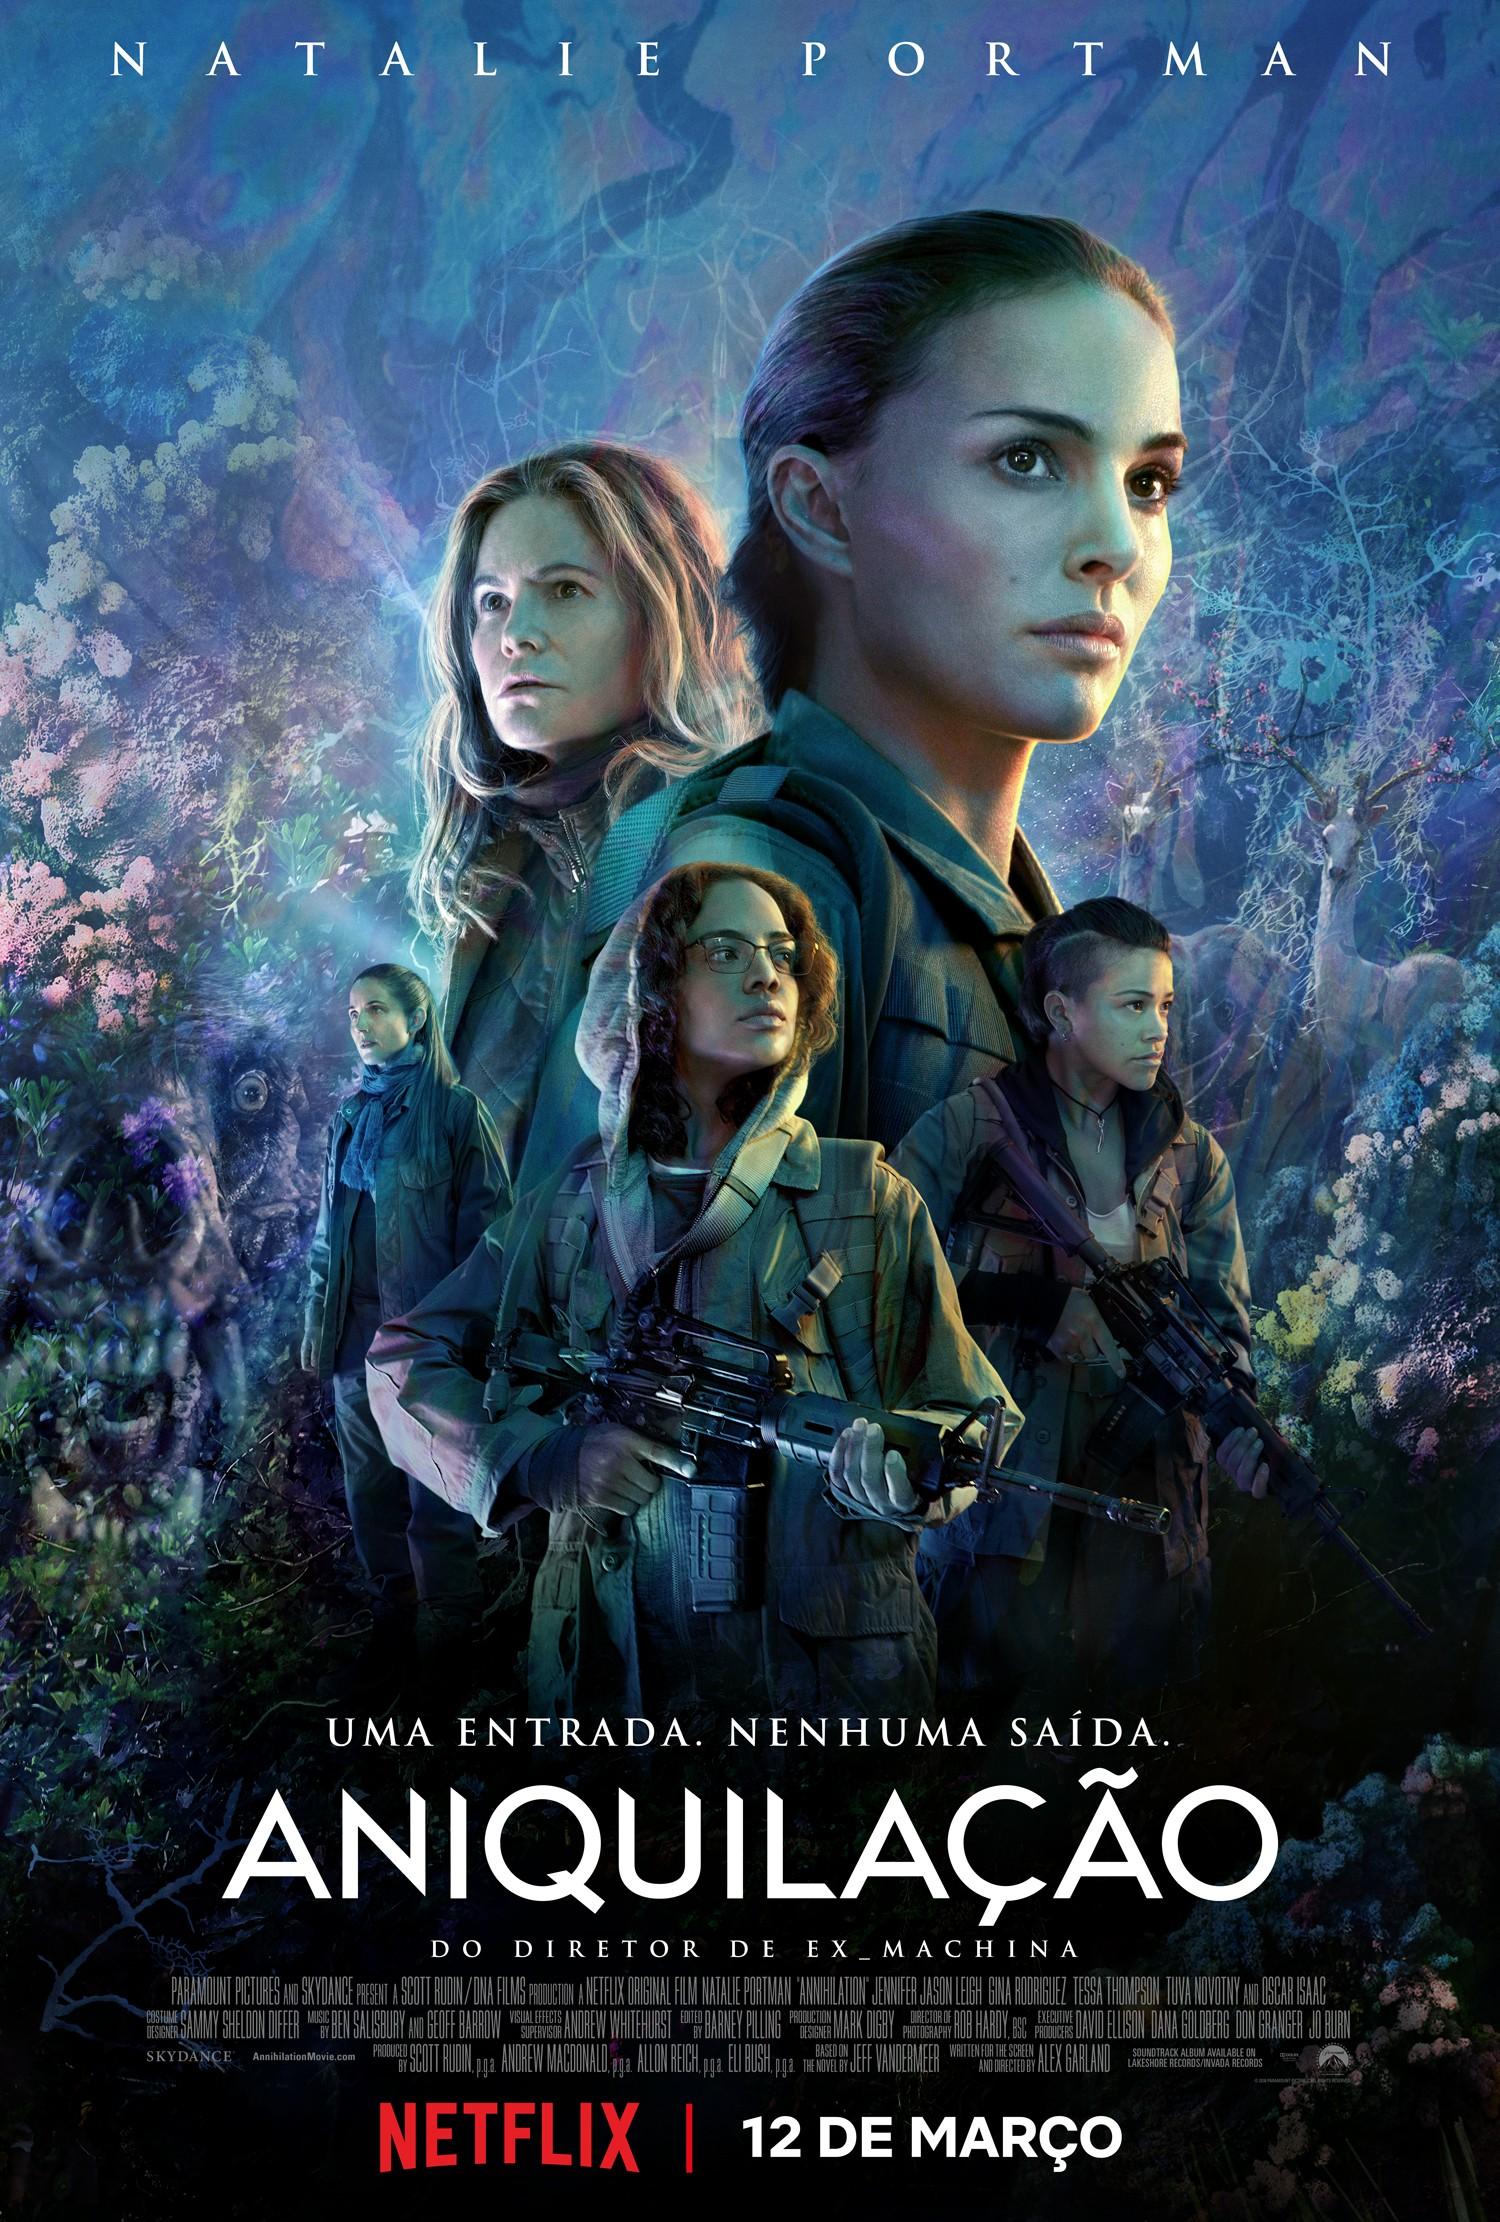 Pôster de Aniquilação, que estreia na Netflix em março (Foto: Divulgação)